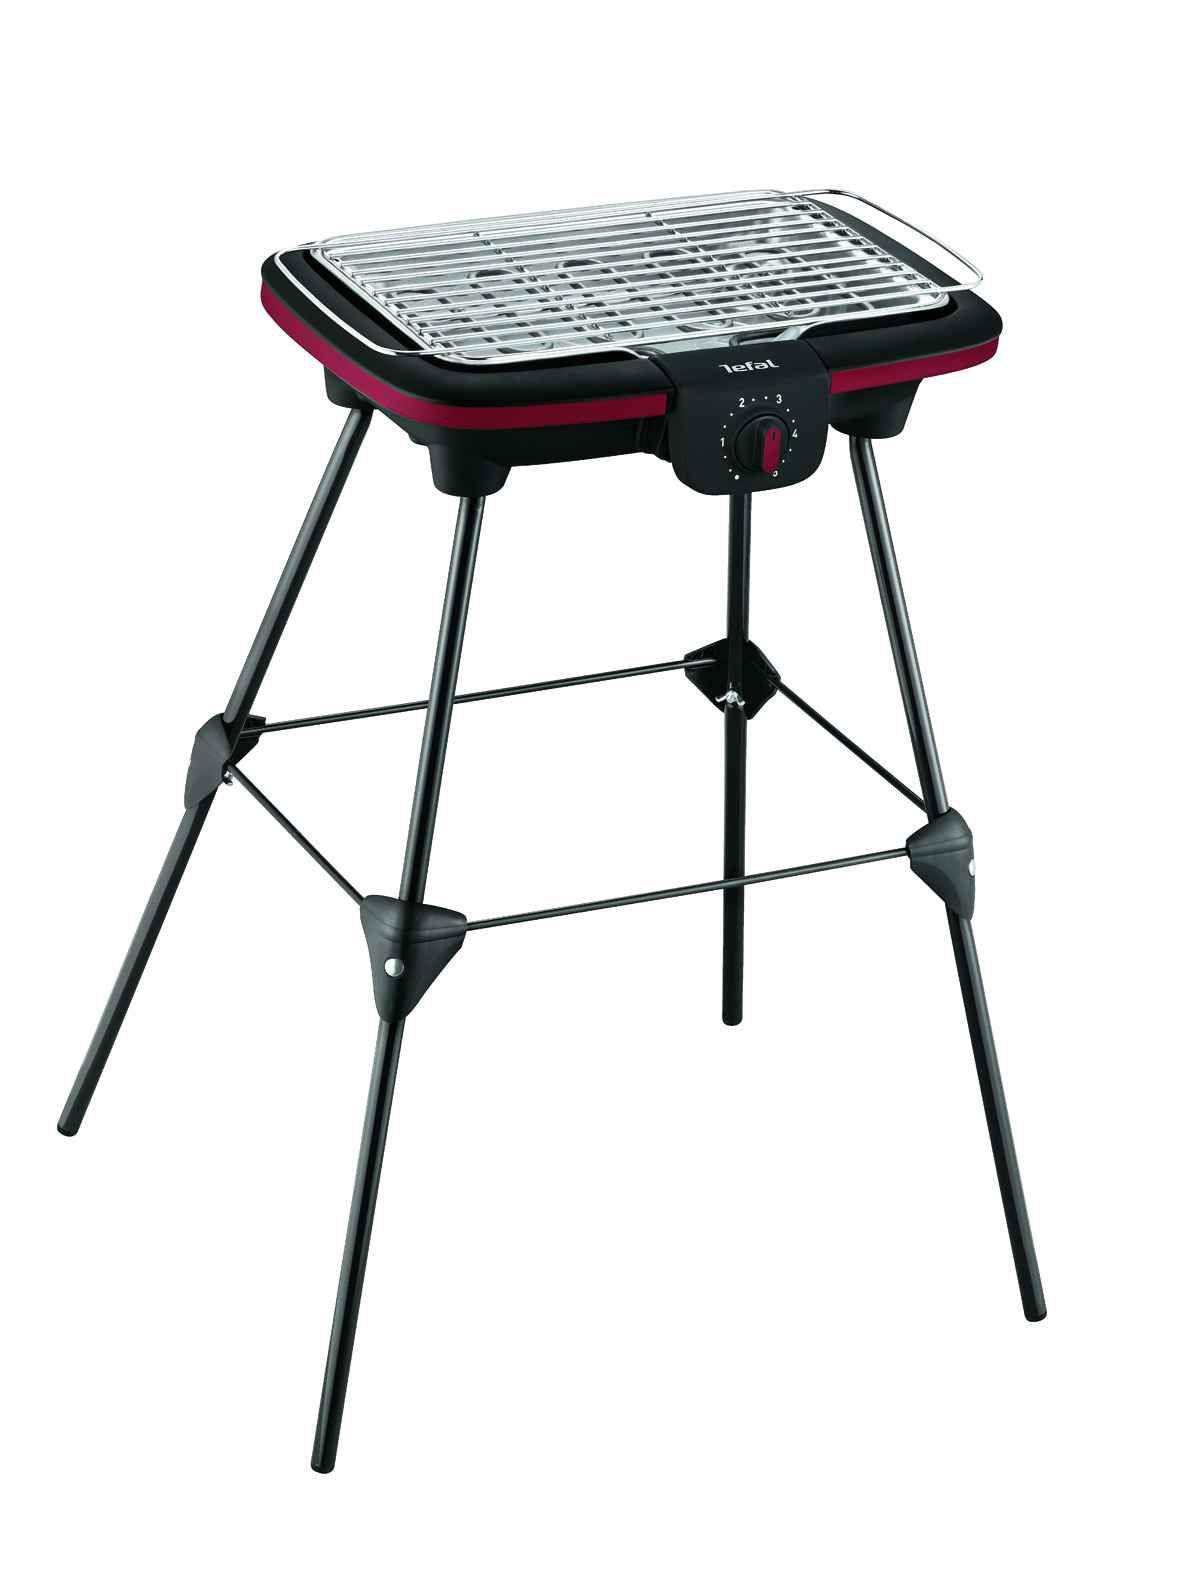 Tefal barcue lectrique sur pieds easy grill bg902o12 - Grill electrique de table ...